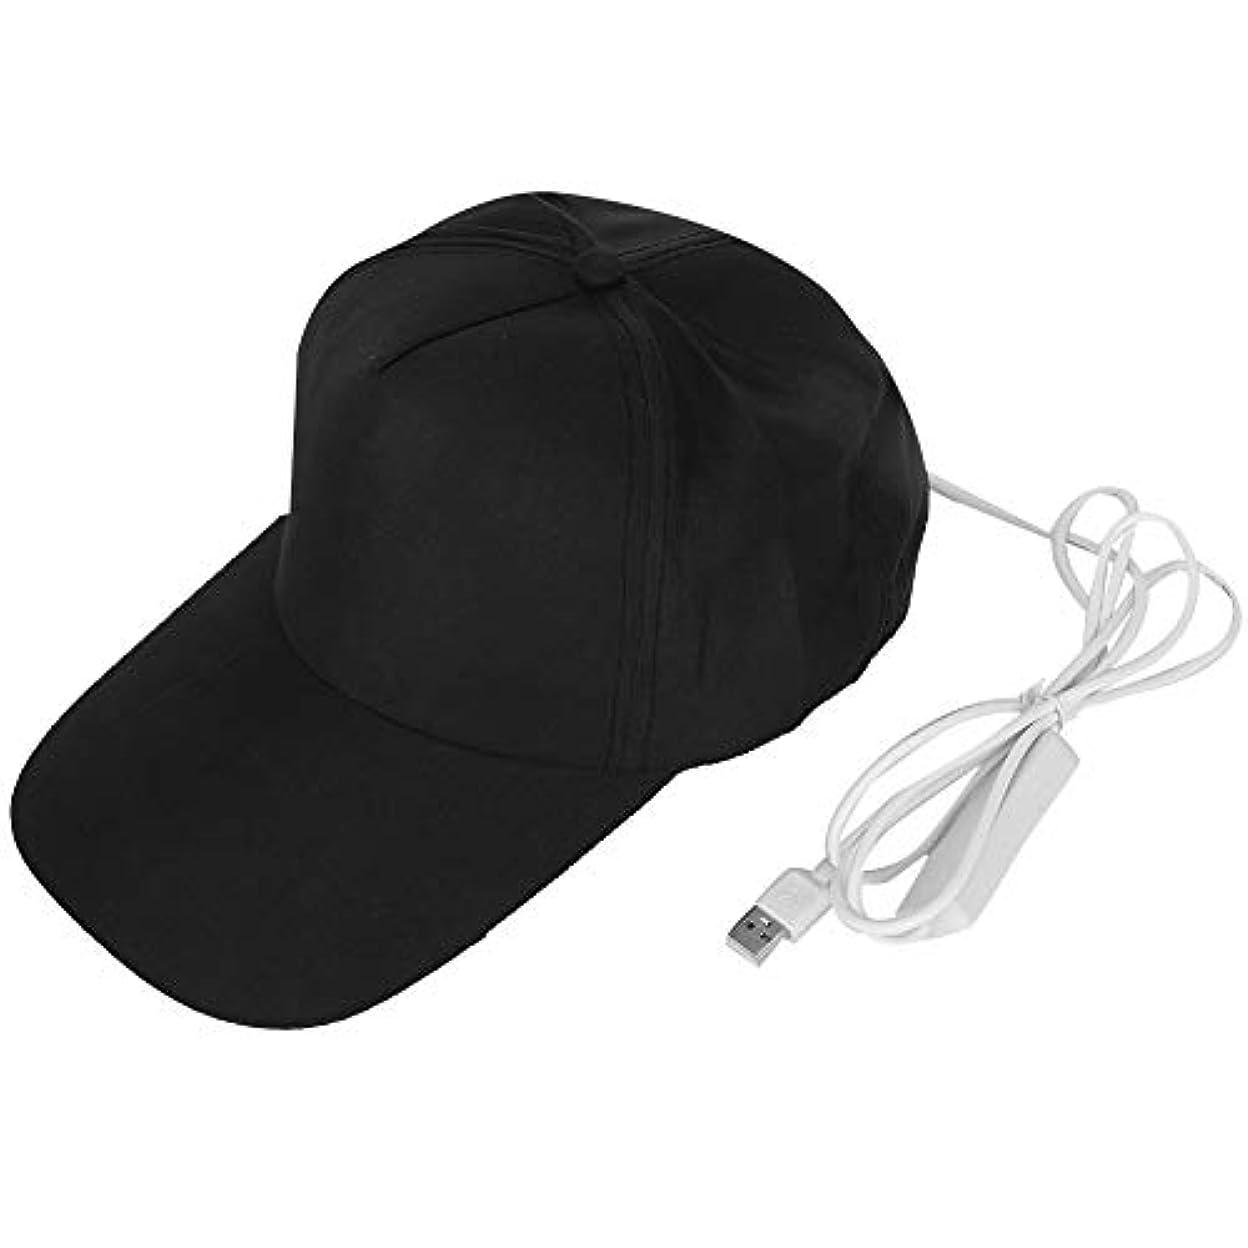 等撃退する上院276pcsランプビーズの毛の成長の帽子-オイル制御の調節可能な毛の成長の処置の器械-毛の厚さ、容積、密度を元通りにします